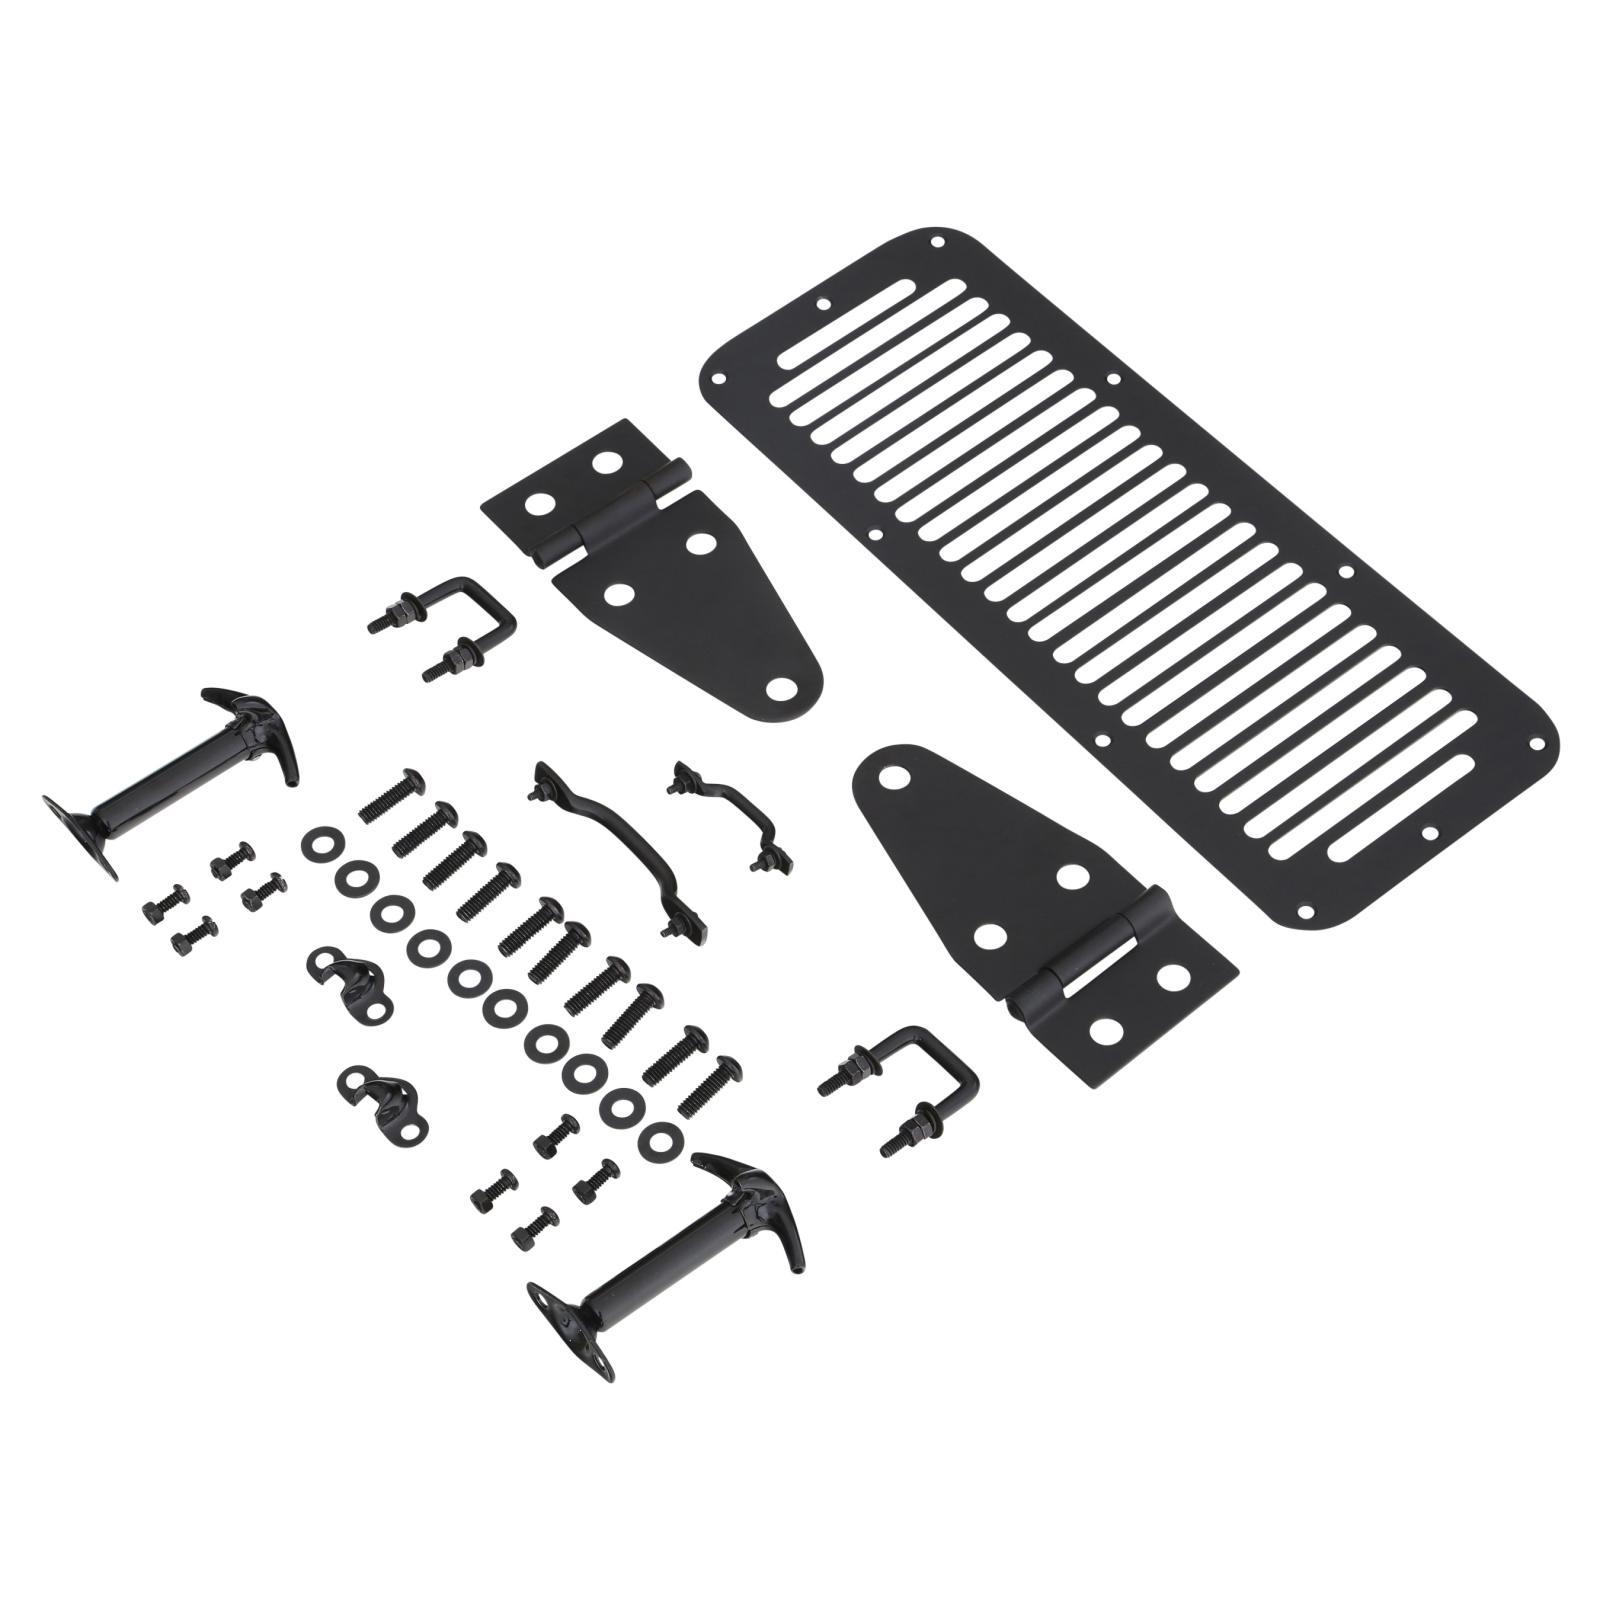 Complete Hood Kit 76 95 Wrangler Tj Cj Black Smittybilt